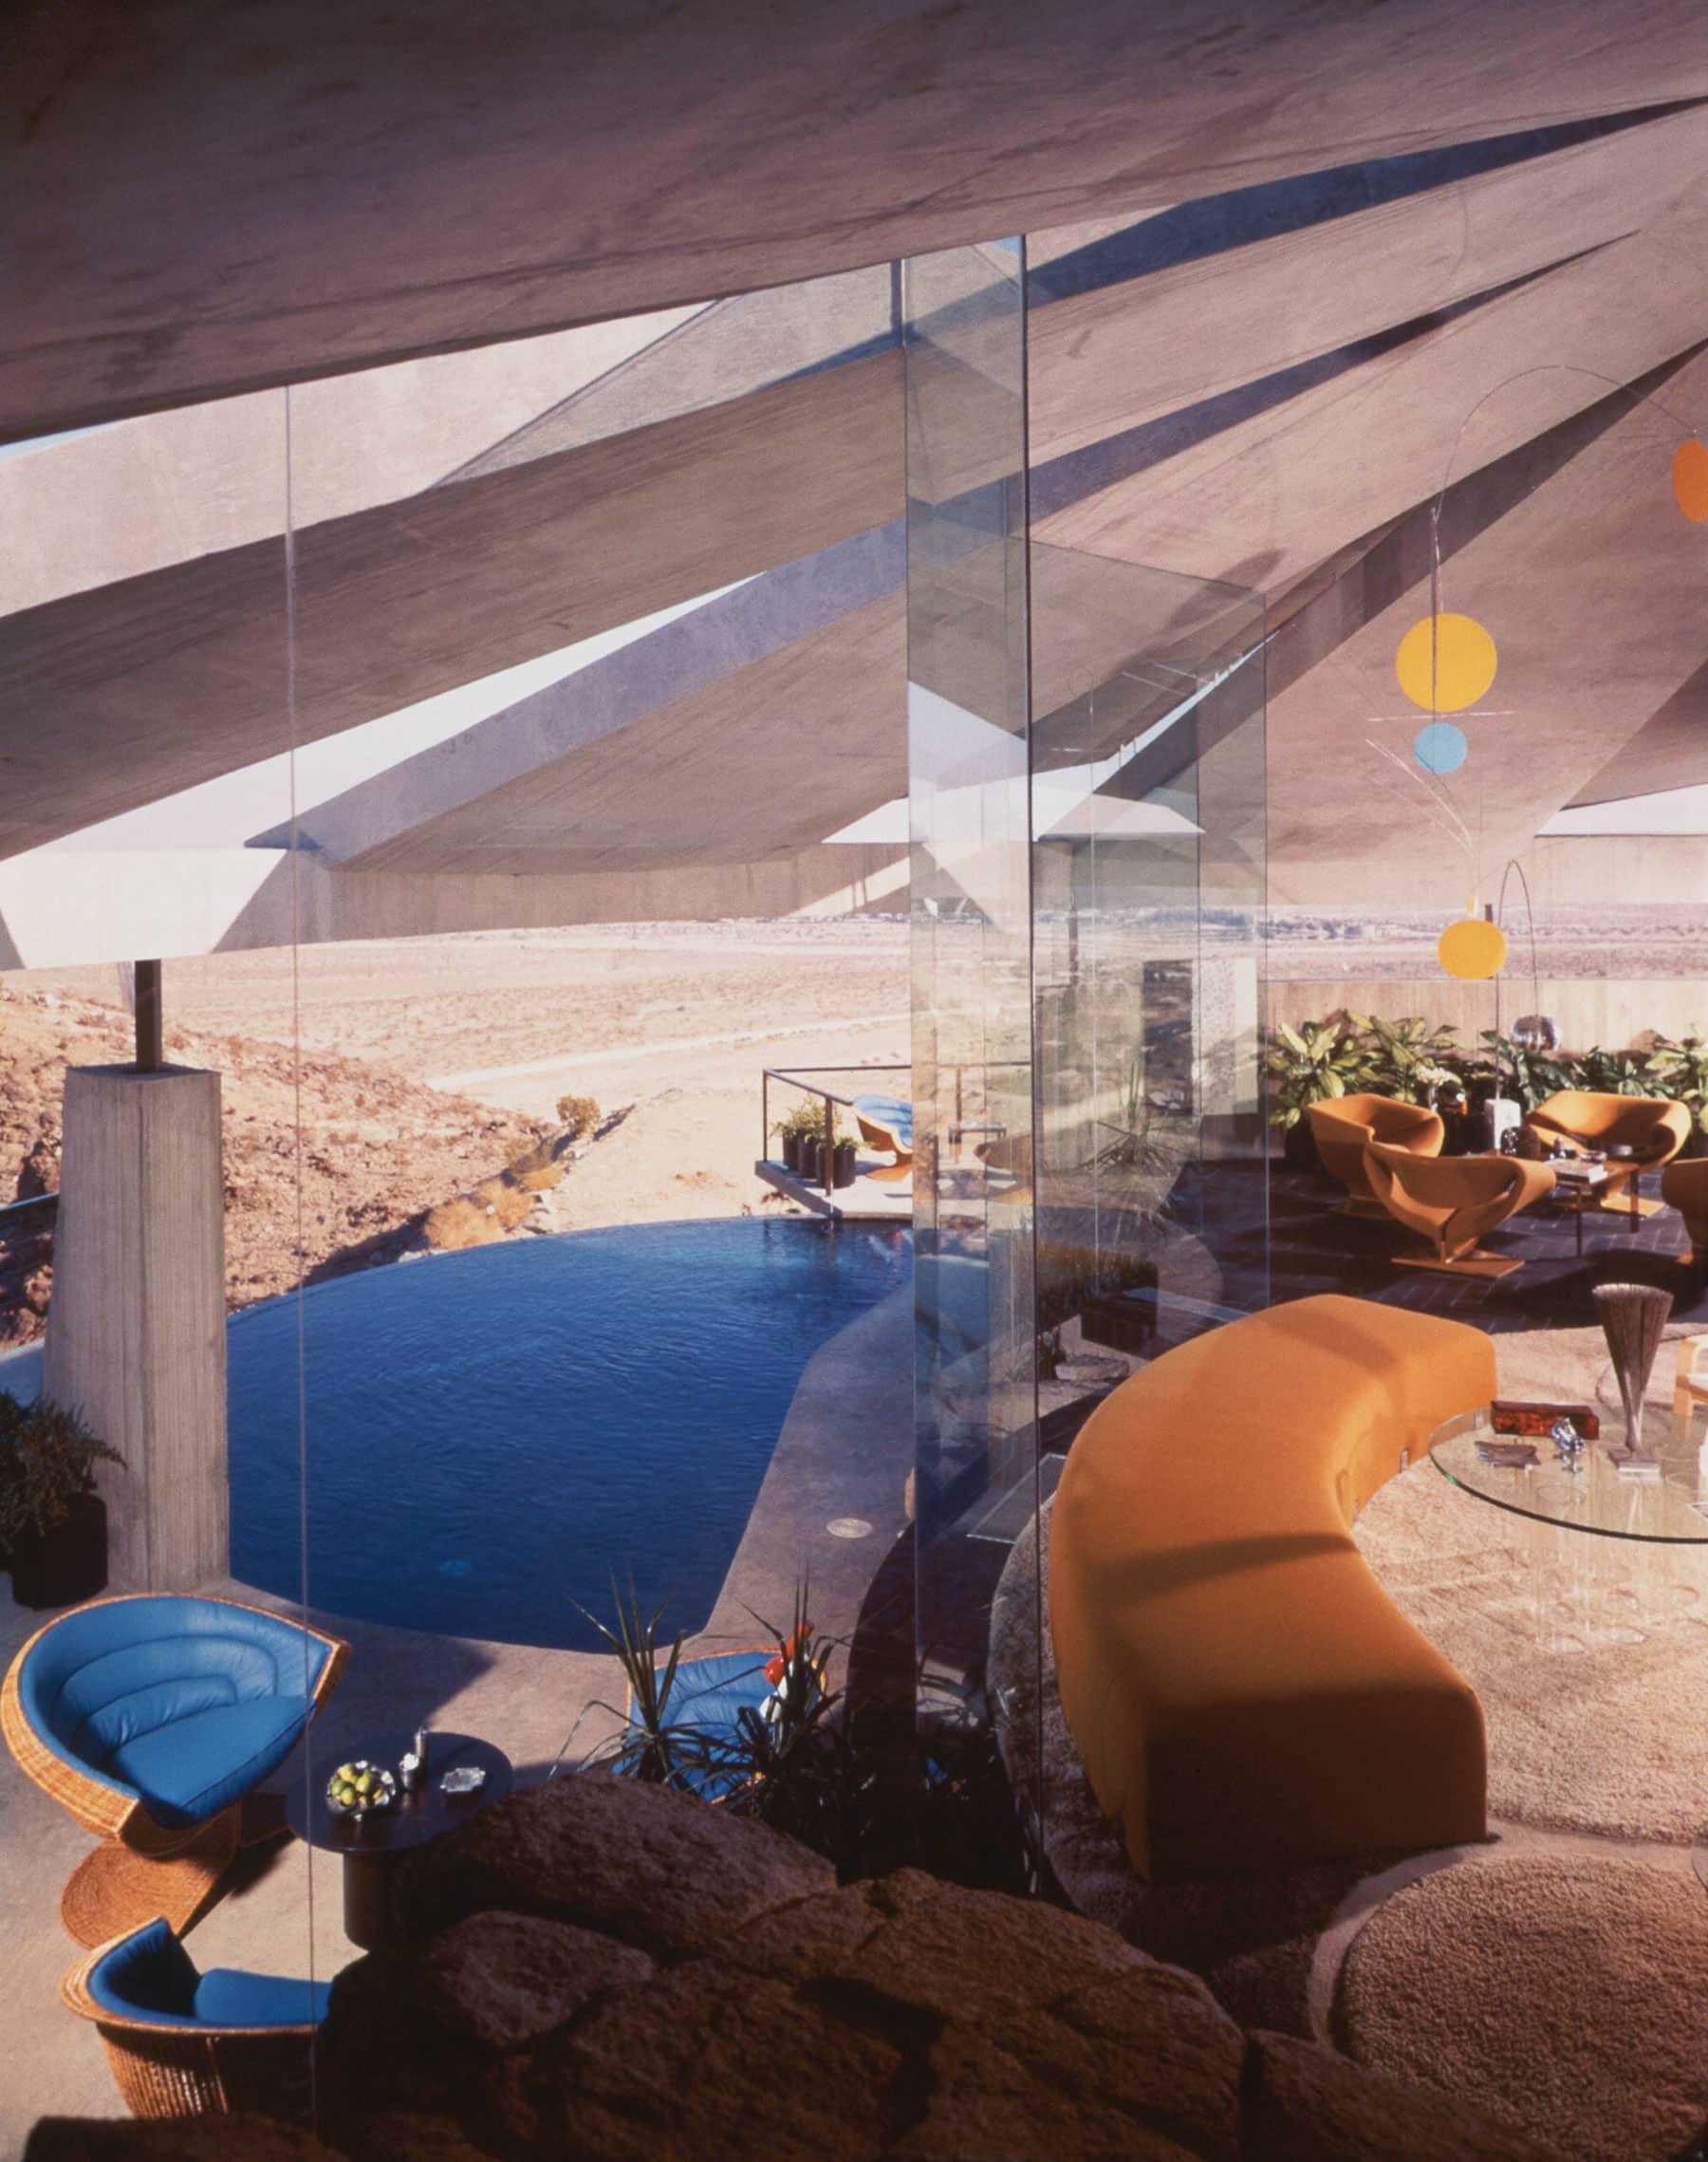 Desert Modern Designer Arthur Elrod Finally Gets His Day In The Sun 1stdibs Introspective